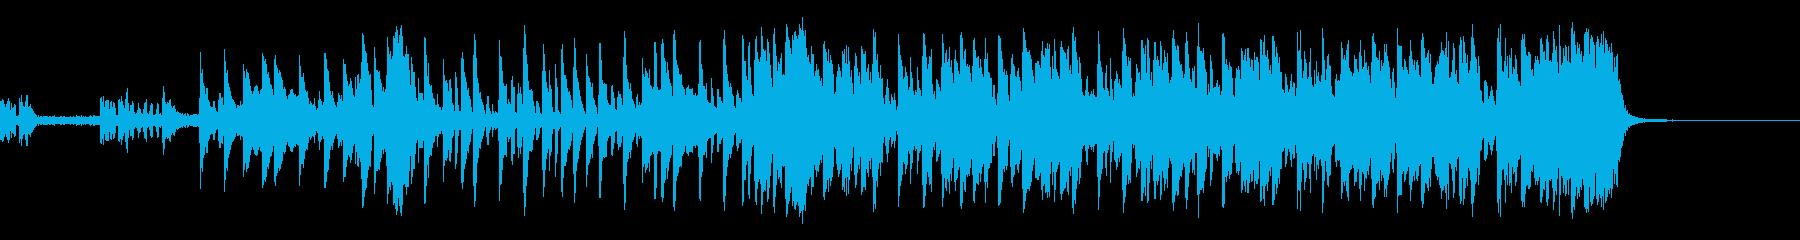 クールな代替ロックテーマの再生済みの波形